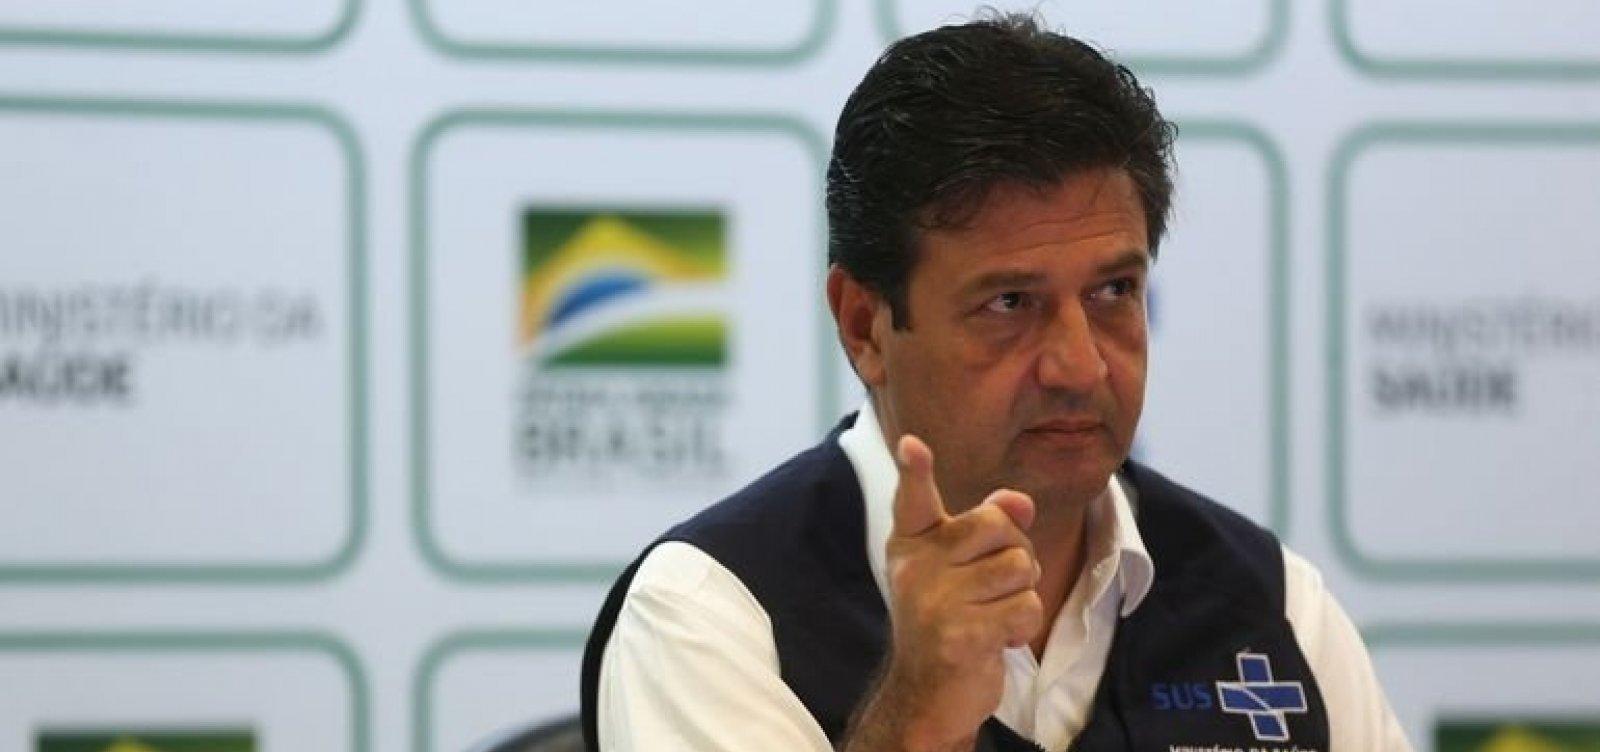 [Mandetta diz que, se necessário, Brasil vai enviar aviões à China para buscar equipamentos]